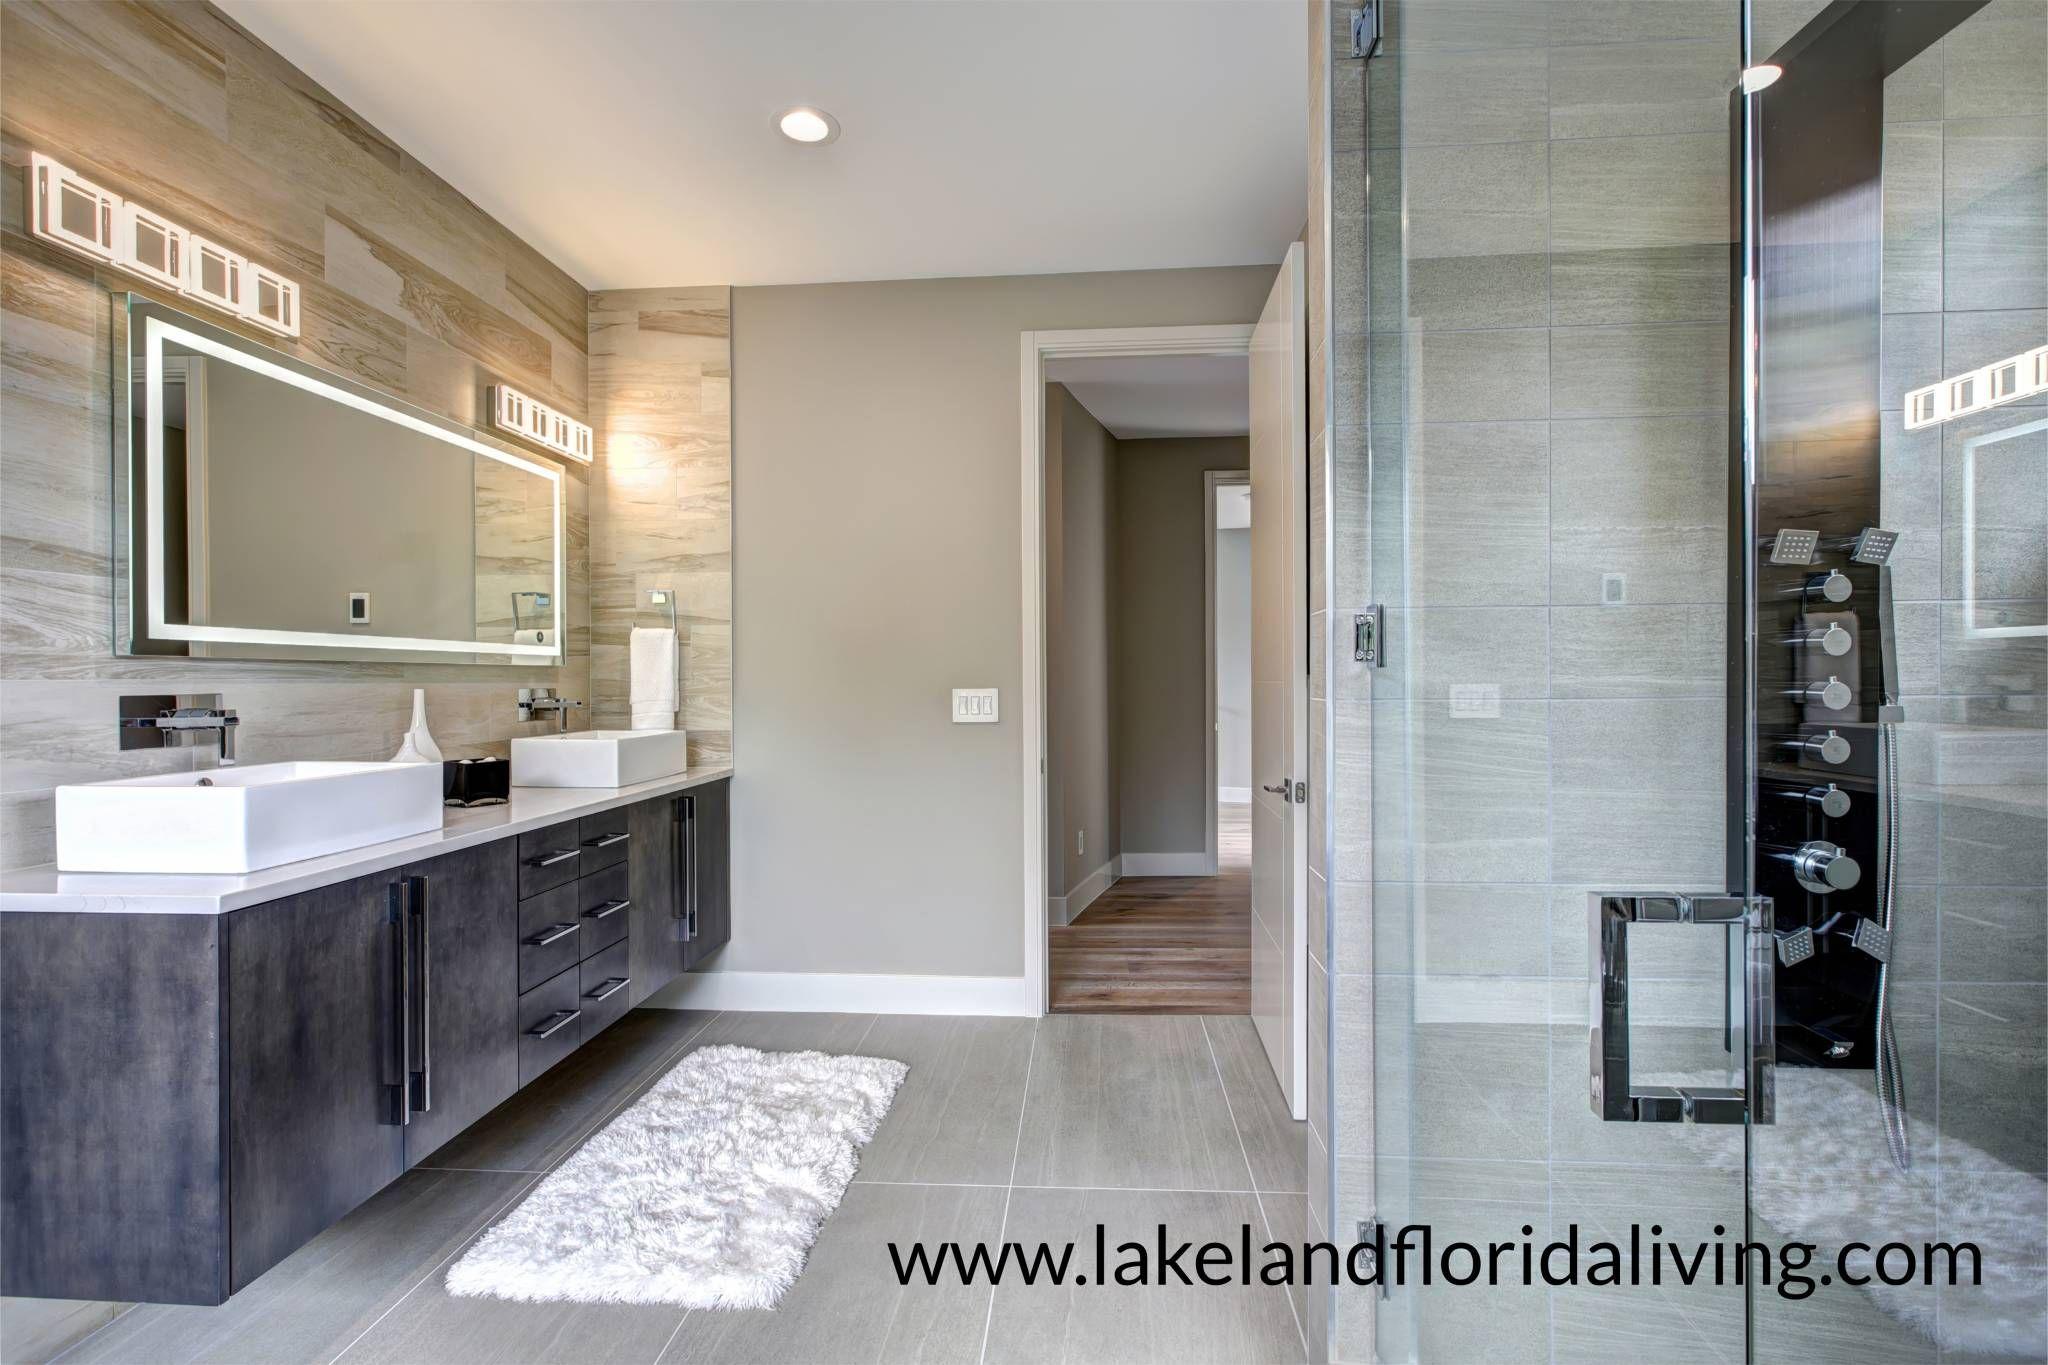 Bathroom Remodeling Trends 2018 That Sells Lakeland Real Estate Complete Bathroom Remodel Remodeling Trends Bathrooms Remodel